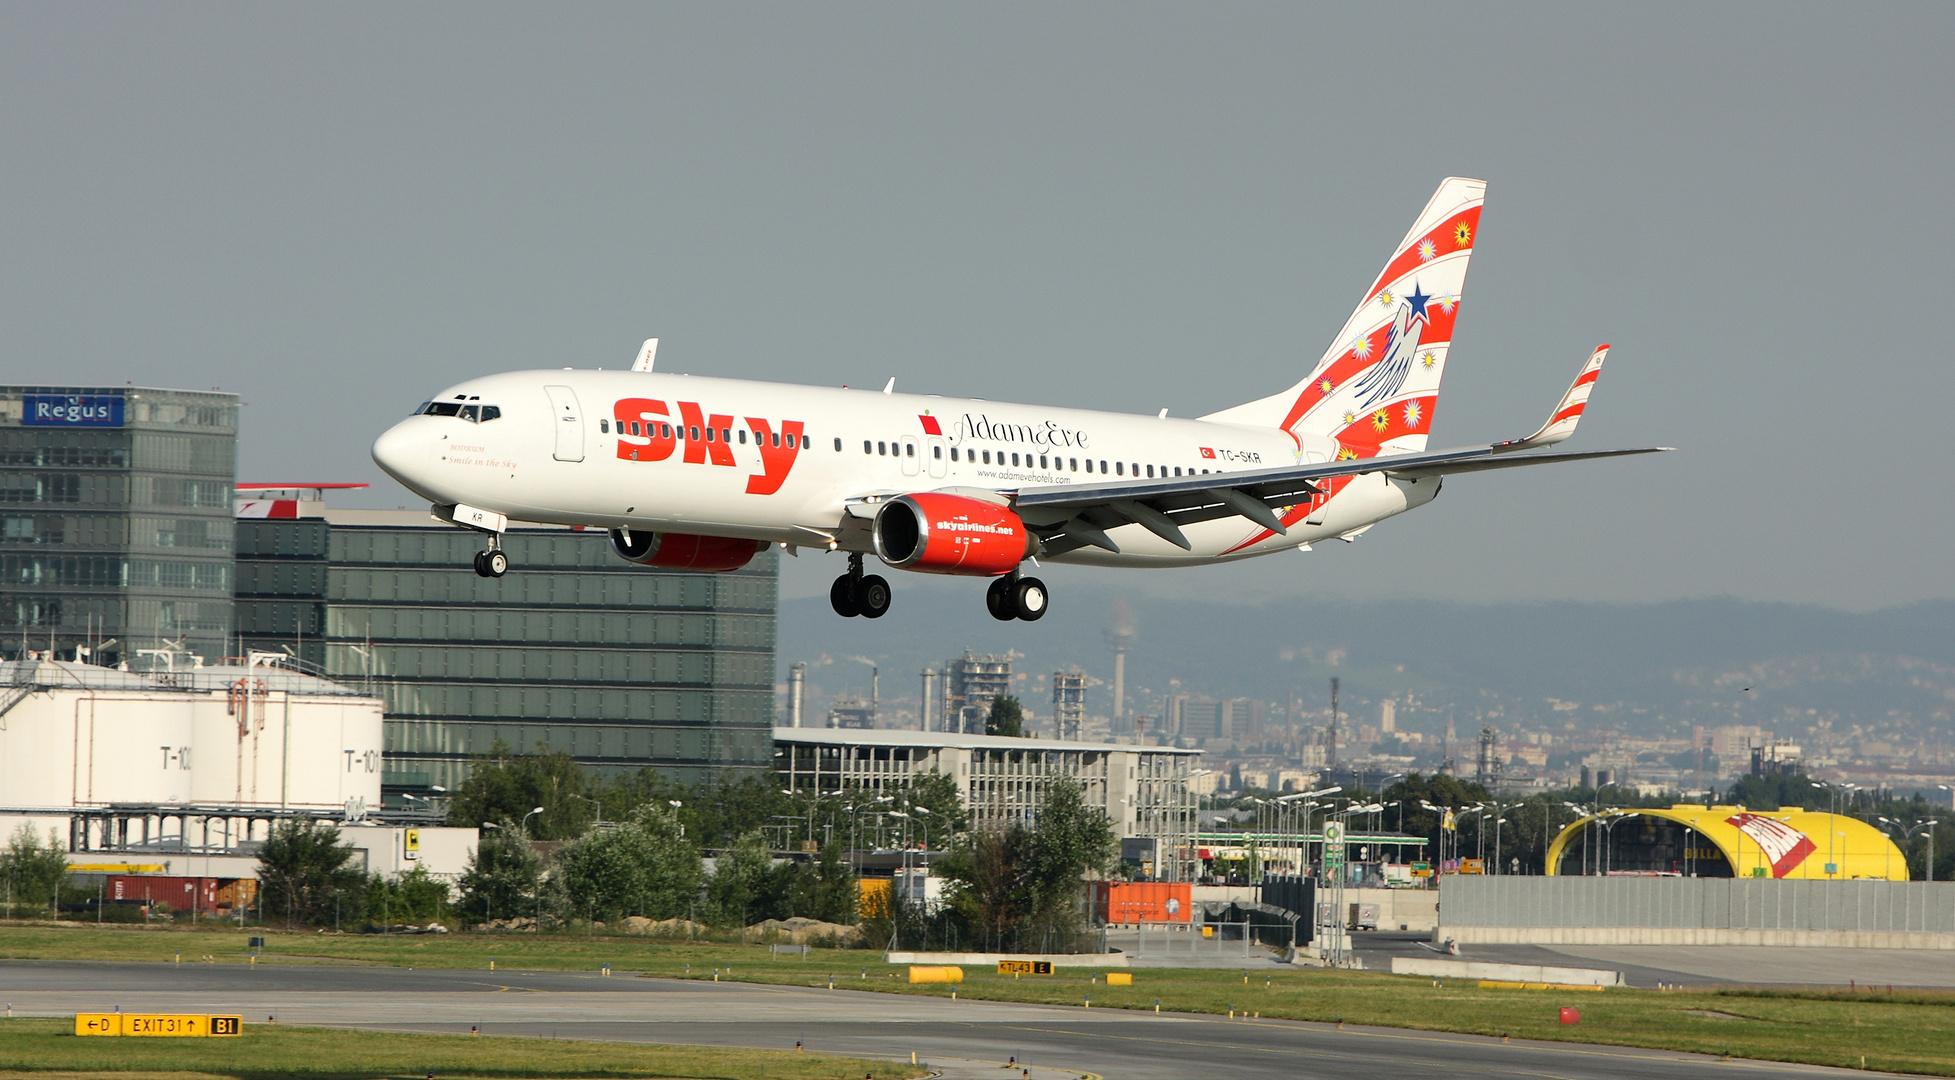 Adam&Eve von Sky airlines